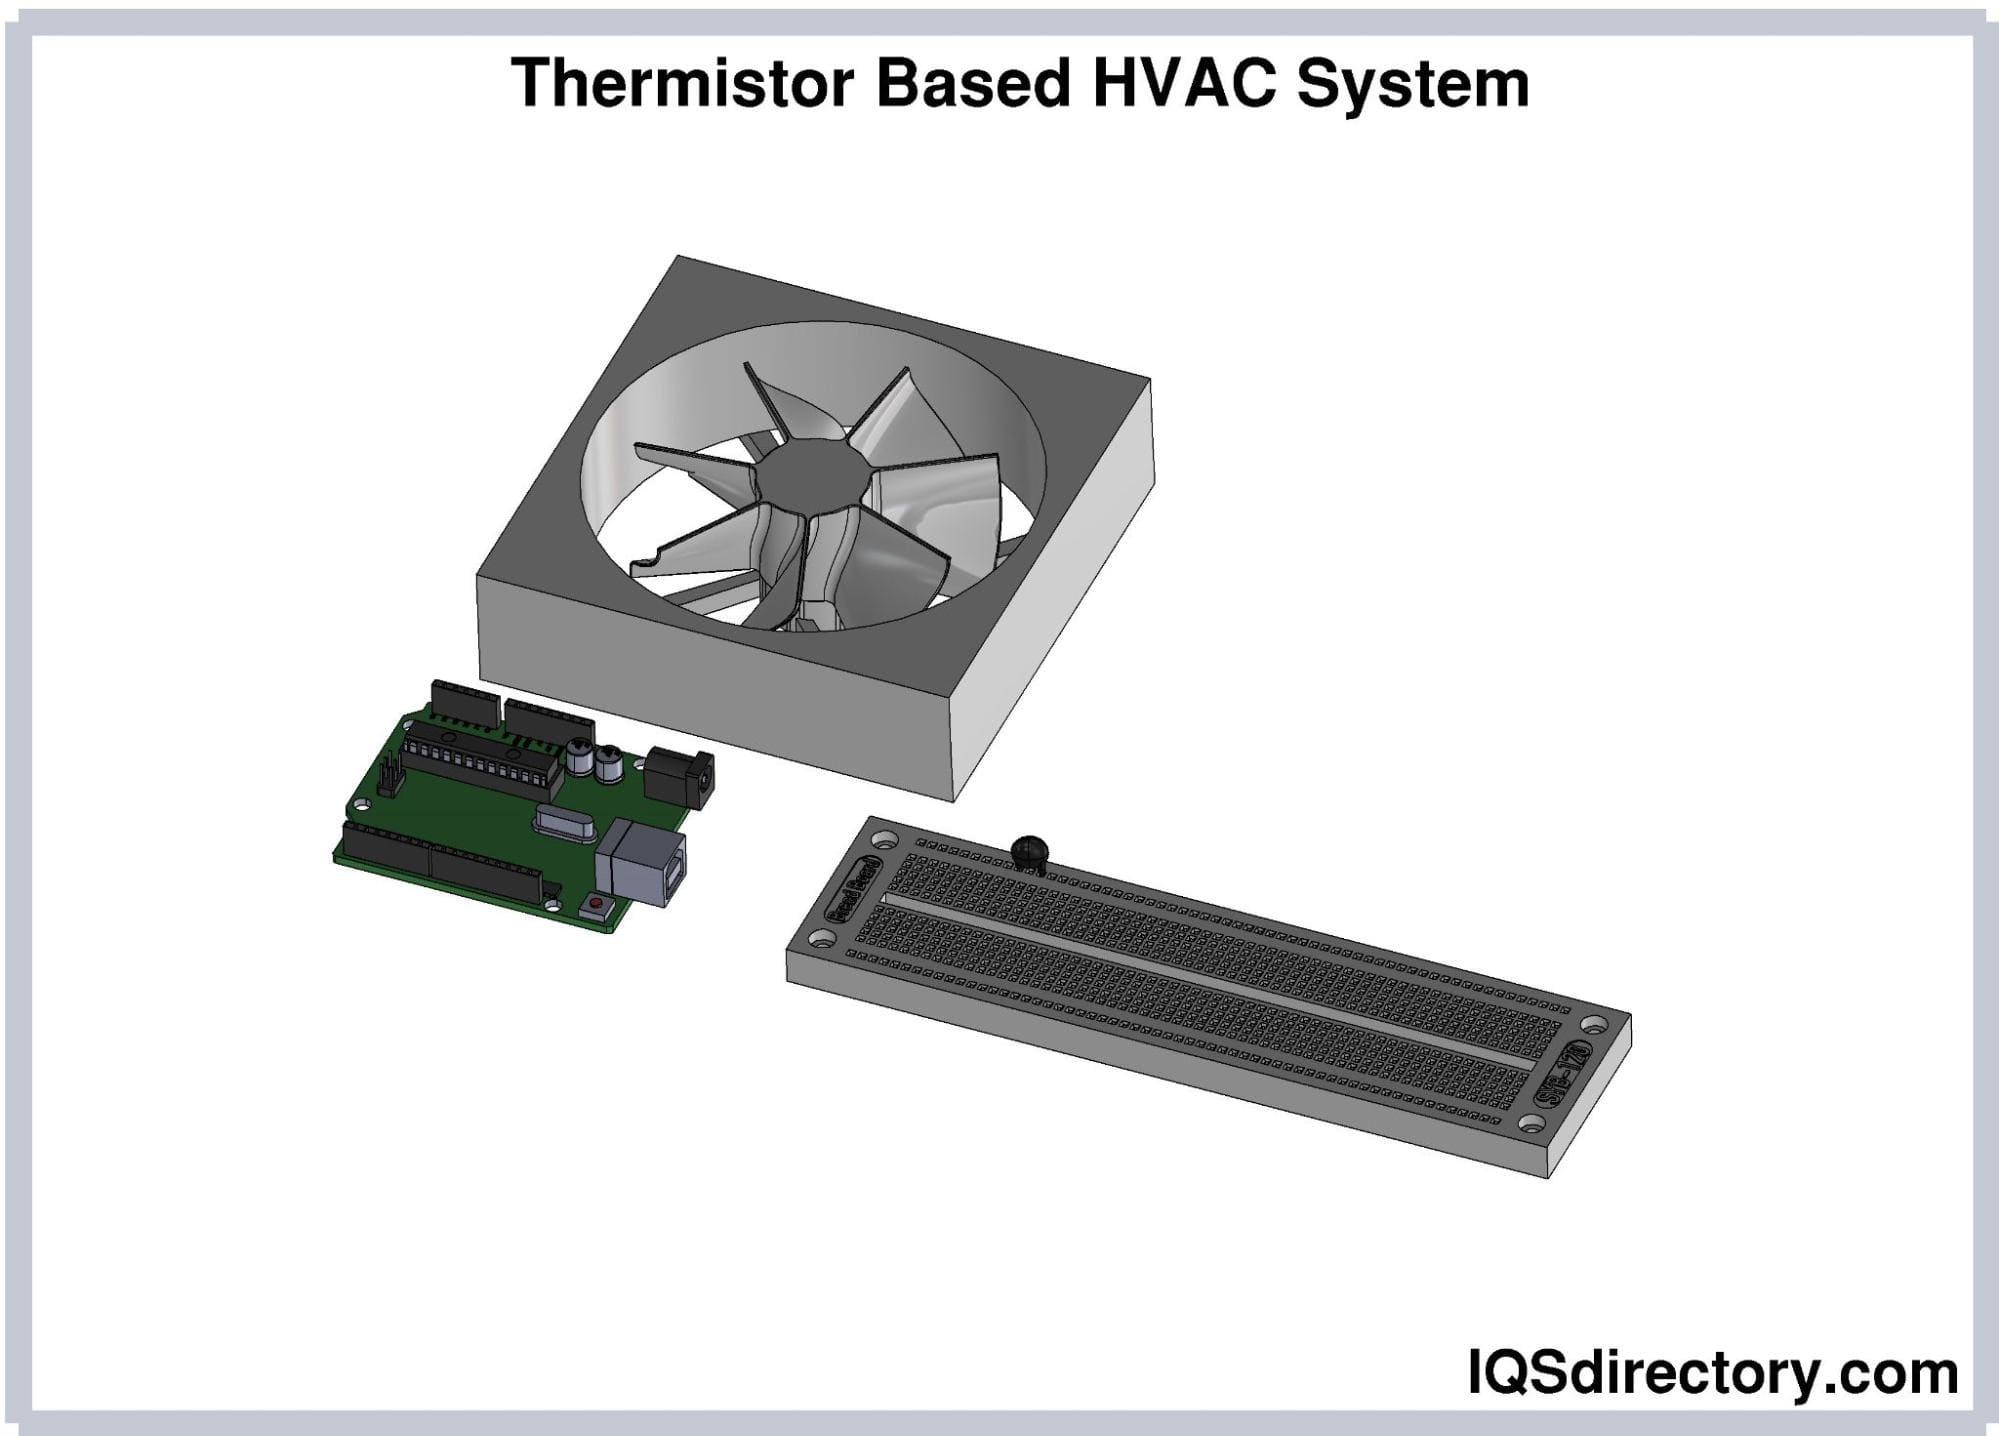 Thermistor Based HVAC System